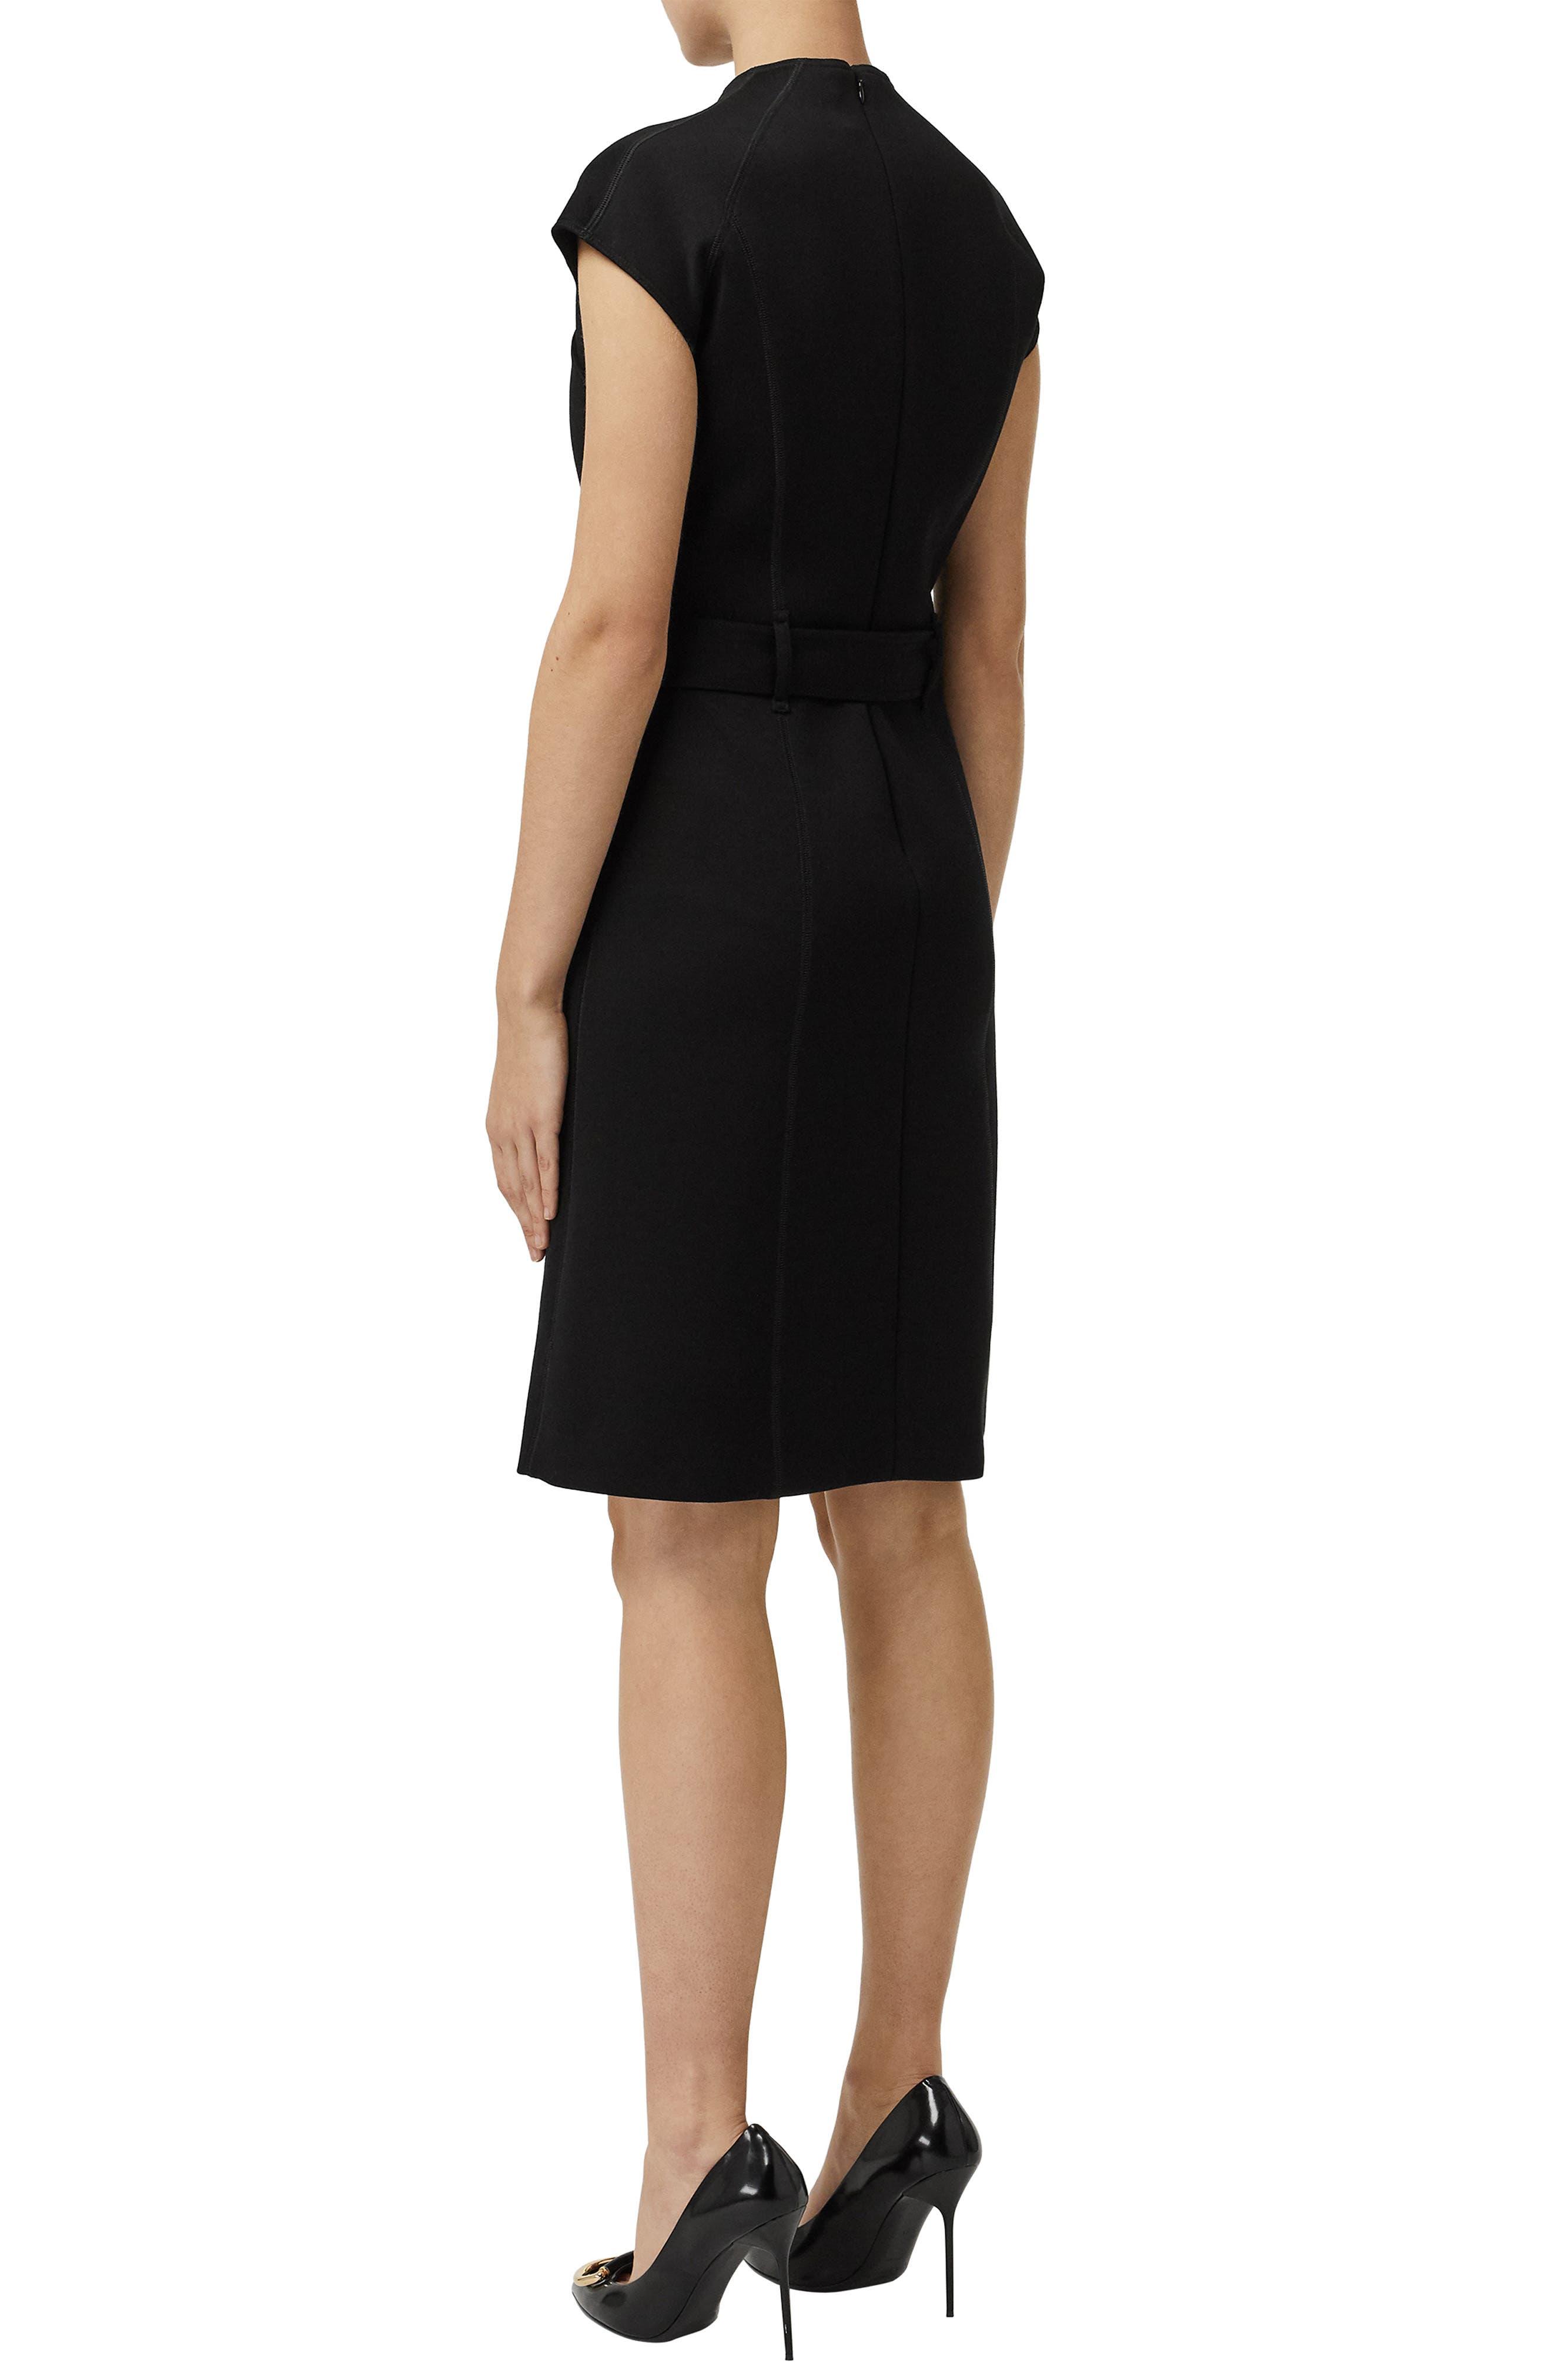 Dulsie D-Ring Detail Bonded Jersey Dress,                             Alternate thumbnail 2, color,                             BLACK